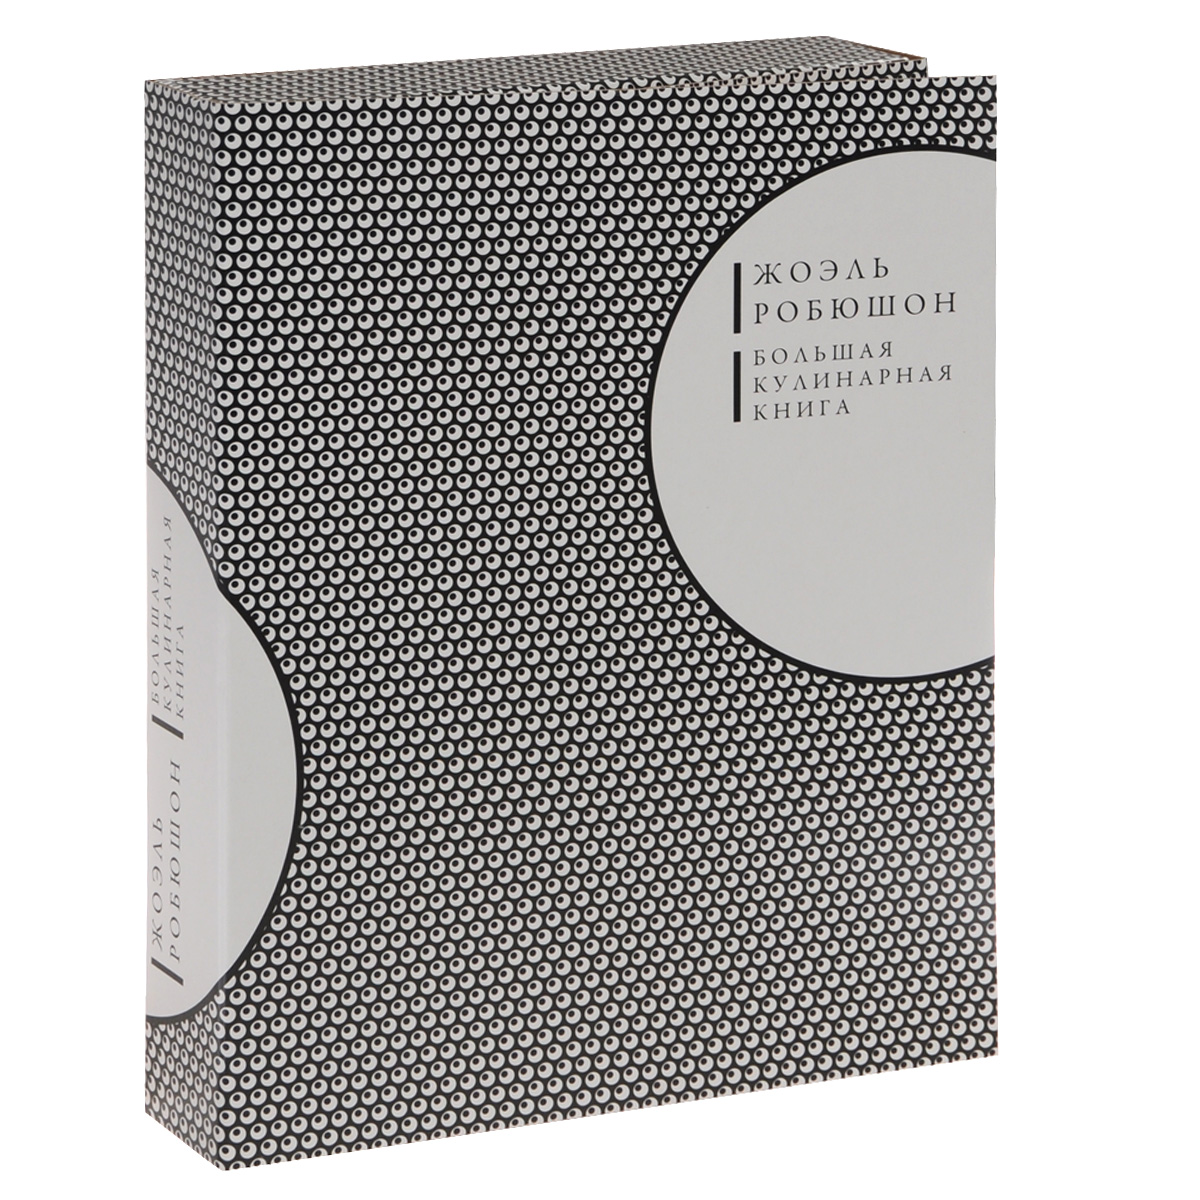 Жоэль Робюшон Большая кулинарная книга специи большая кулинарная книга в футляре